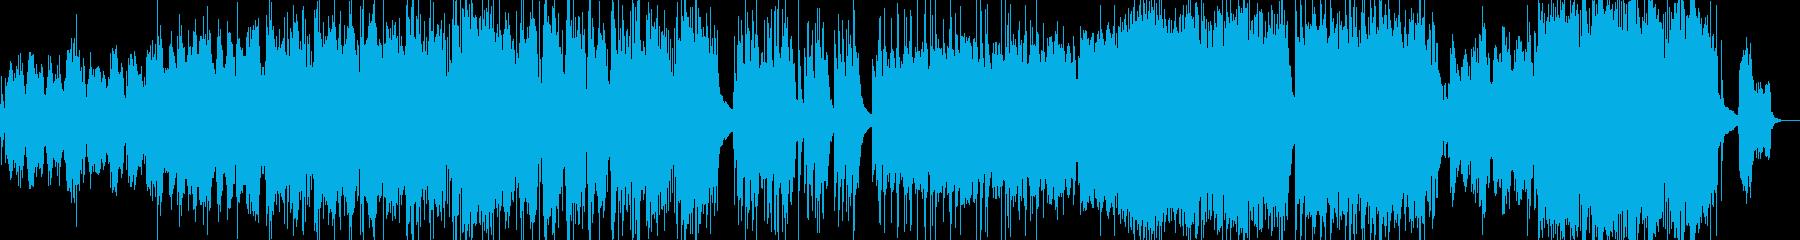 ピアノ&オーケストラの再生済みの波形